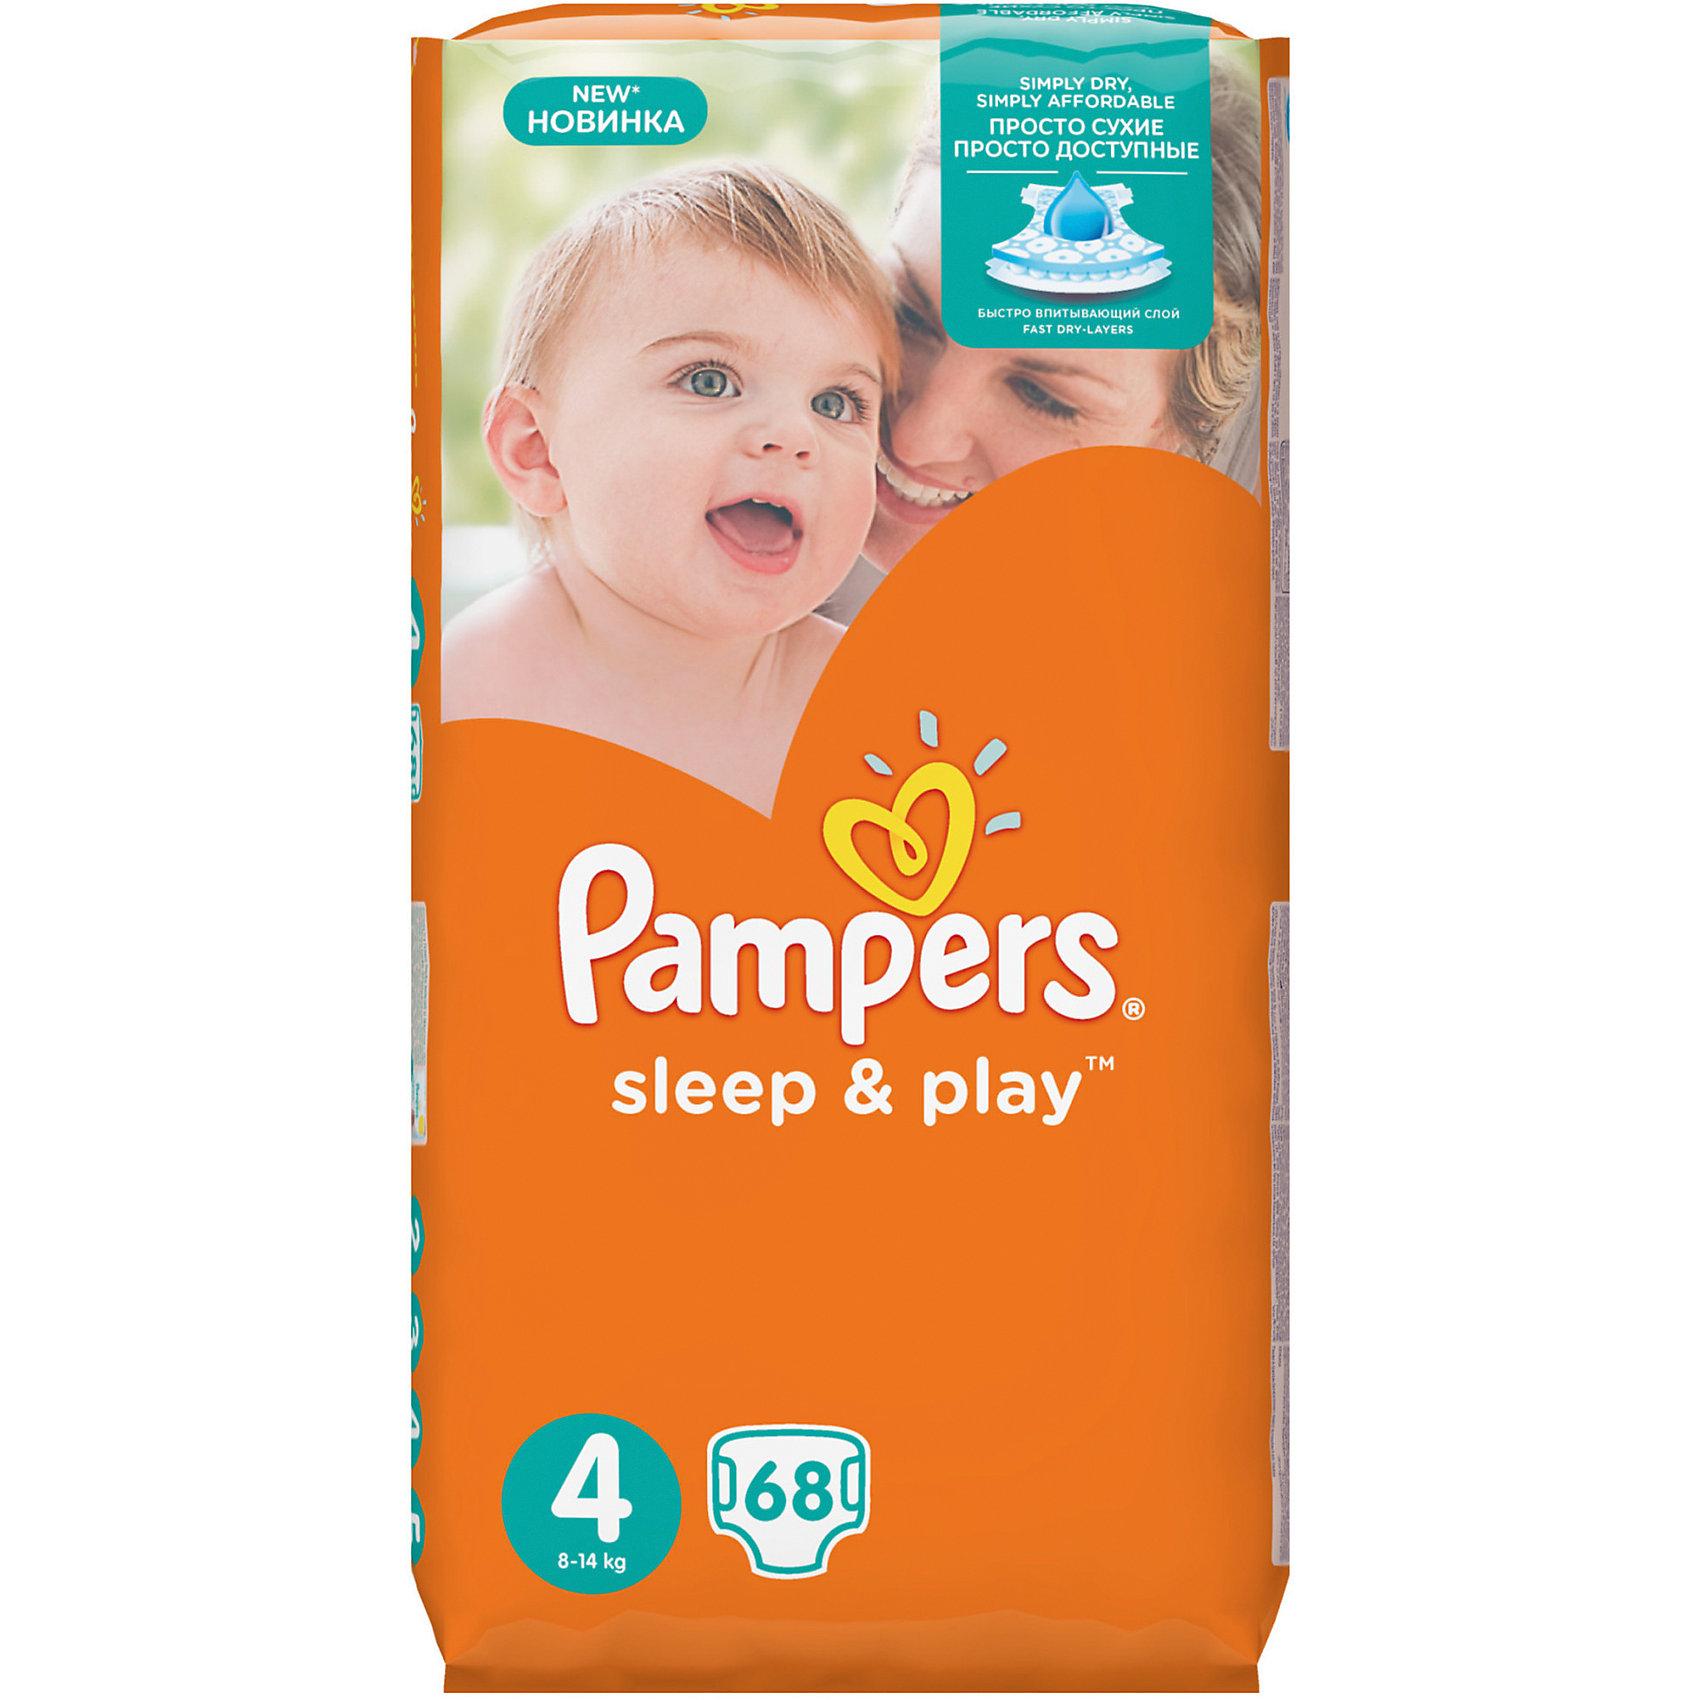 Подгузники Pampers Sleep &amp; Play, 8-14 кг, 4 размер, 68 шт., PampersПодгузники классические<br>Характеристики:<br><br>• Пол: универсальный<br>• Тип подгузника: одноразовый<br>• Коллекция: Sleep &amp; Play<br>• Предназначение: для использования в любое время суток <br>• Размер: 4<br>• Вес ребенка: от 8 до 14 кг<br>• Количество в упаковке: 68 шт.<br>• Упаковка: пакет<br>• Размер упаковки: 26,4*11,8*42,7 см<br>• Вес в упаковке: 1 кг 908 г<br>• Эластичные застежки-липучки<br>• Быстро впитывающий слой<br>• Яркий дизайн<br>• Сохранение сухости в течение 9-ти часов<br>• Содержит экстракт ромашки<br><br>Подгузники Pampers Sleep &amp; Play, 8-14 кг, 4 размер, 68 шт., Pampers – это линейка классических детских подгузников от Pampers, которая сочетает в себе качество и безопасность материалов, удобство использования и комфорт для нежной кожи малыша. Подгузники предназначены для младенцев весом до 14 кг. Инновационные технологии и современные материалы обеспечивают этим подгузникам Дышащие свойства, что особенно важно для кожи малыша. <br><br>Впитывающие свойства изделию обеспечивает уникальный слой, который равномерно распределяет влагу внутри подгузника, при этом сохраняя сухость верхнего слоя. У подгузников предусмотрена эластичная мягкая резиночка на спинке. Широкие липучки с двух сторон обеспечивают надежную фиксацию. В составе подгузника имеется экстракт ромашки, который защищает кожу ребенка от раздражений. Подгузник подходит как для мальчиков, так и для девочек. <br><br>Подгузники Pampers Sleep &amp; Play, 8-14 кг, 4 размер, 68 шт., Pampers можно купить в нашем интернет-магазине.<br><br>Ширина мм: 264<br>Глубина мм: 118<br>Высота мм: 427<br>Вес г: 1908<br>Возраст от месяцев: 6<br>Возраст до месяцев: 24<br>Пол: Унисекс<br>Возраст: Детский<br>SKU: 5419060